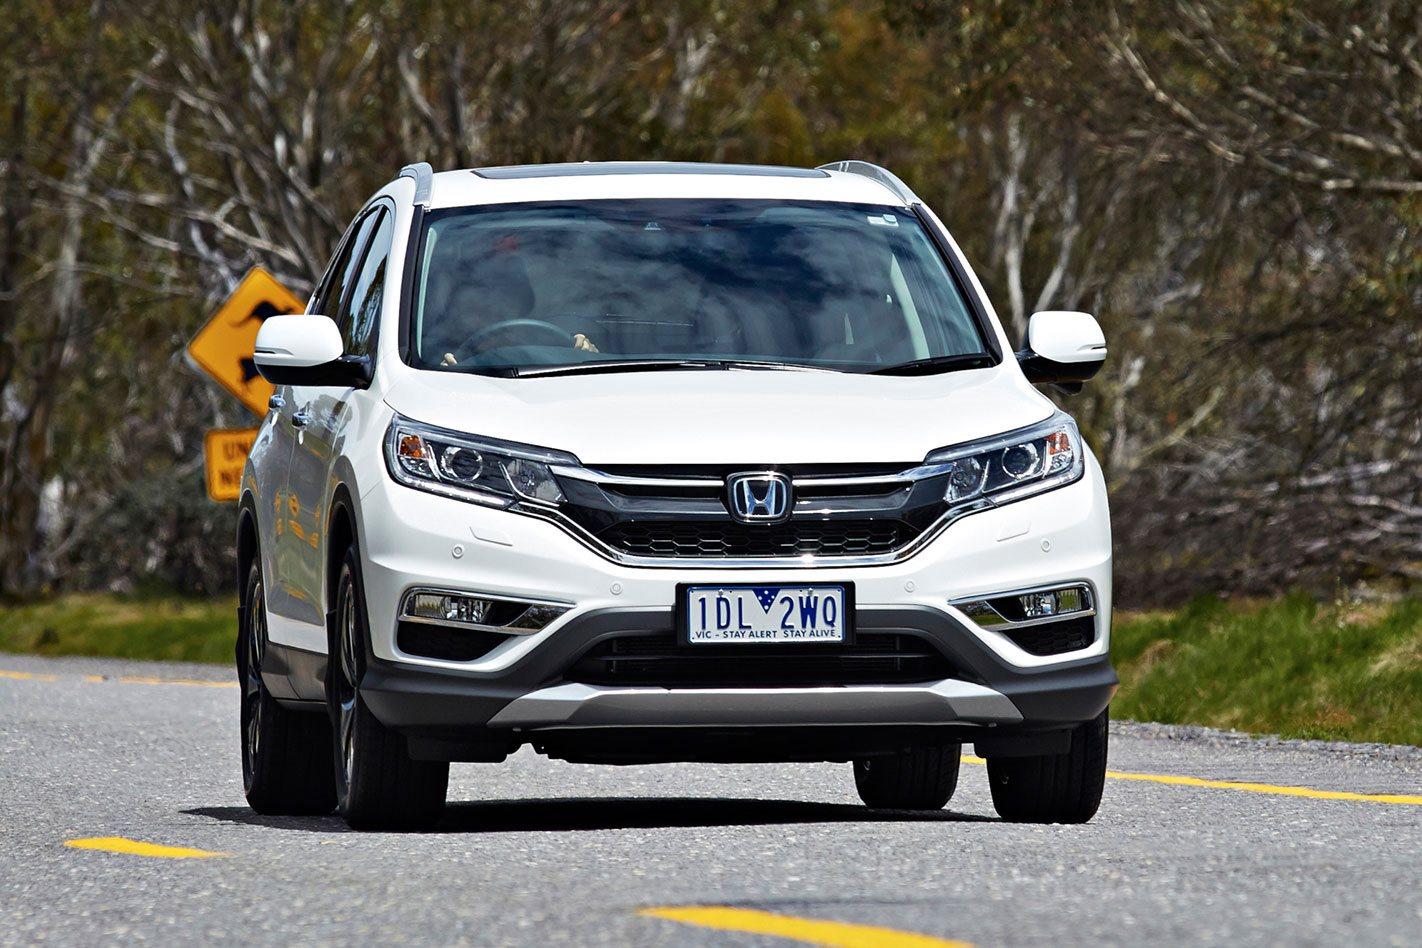 first review crv ex s original and photo v test car drive reviews fwd cr honda driver